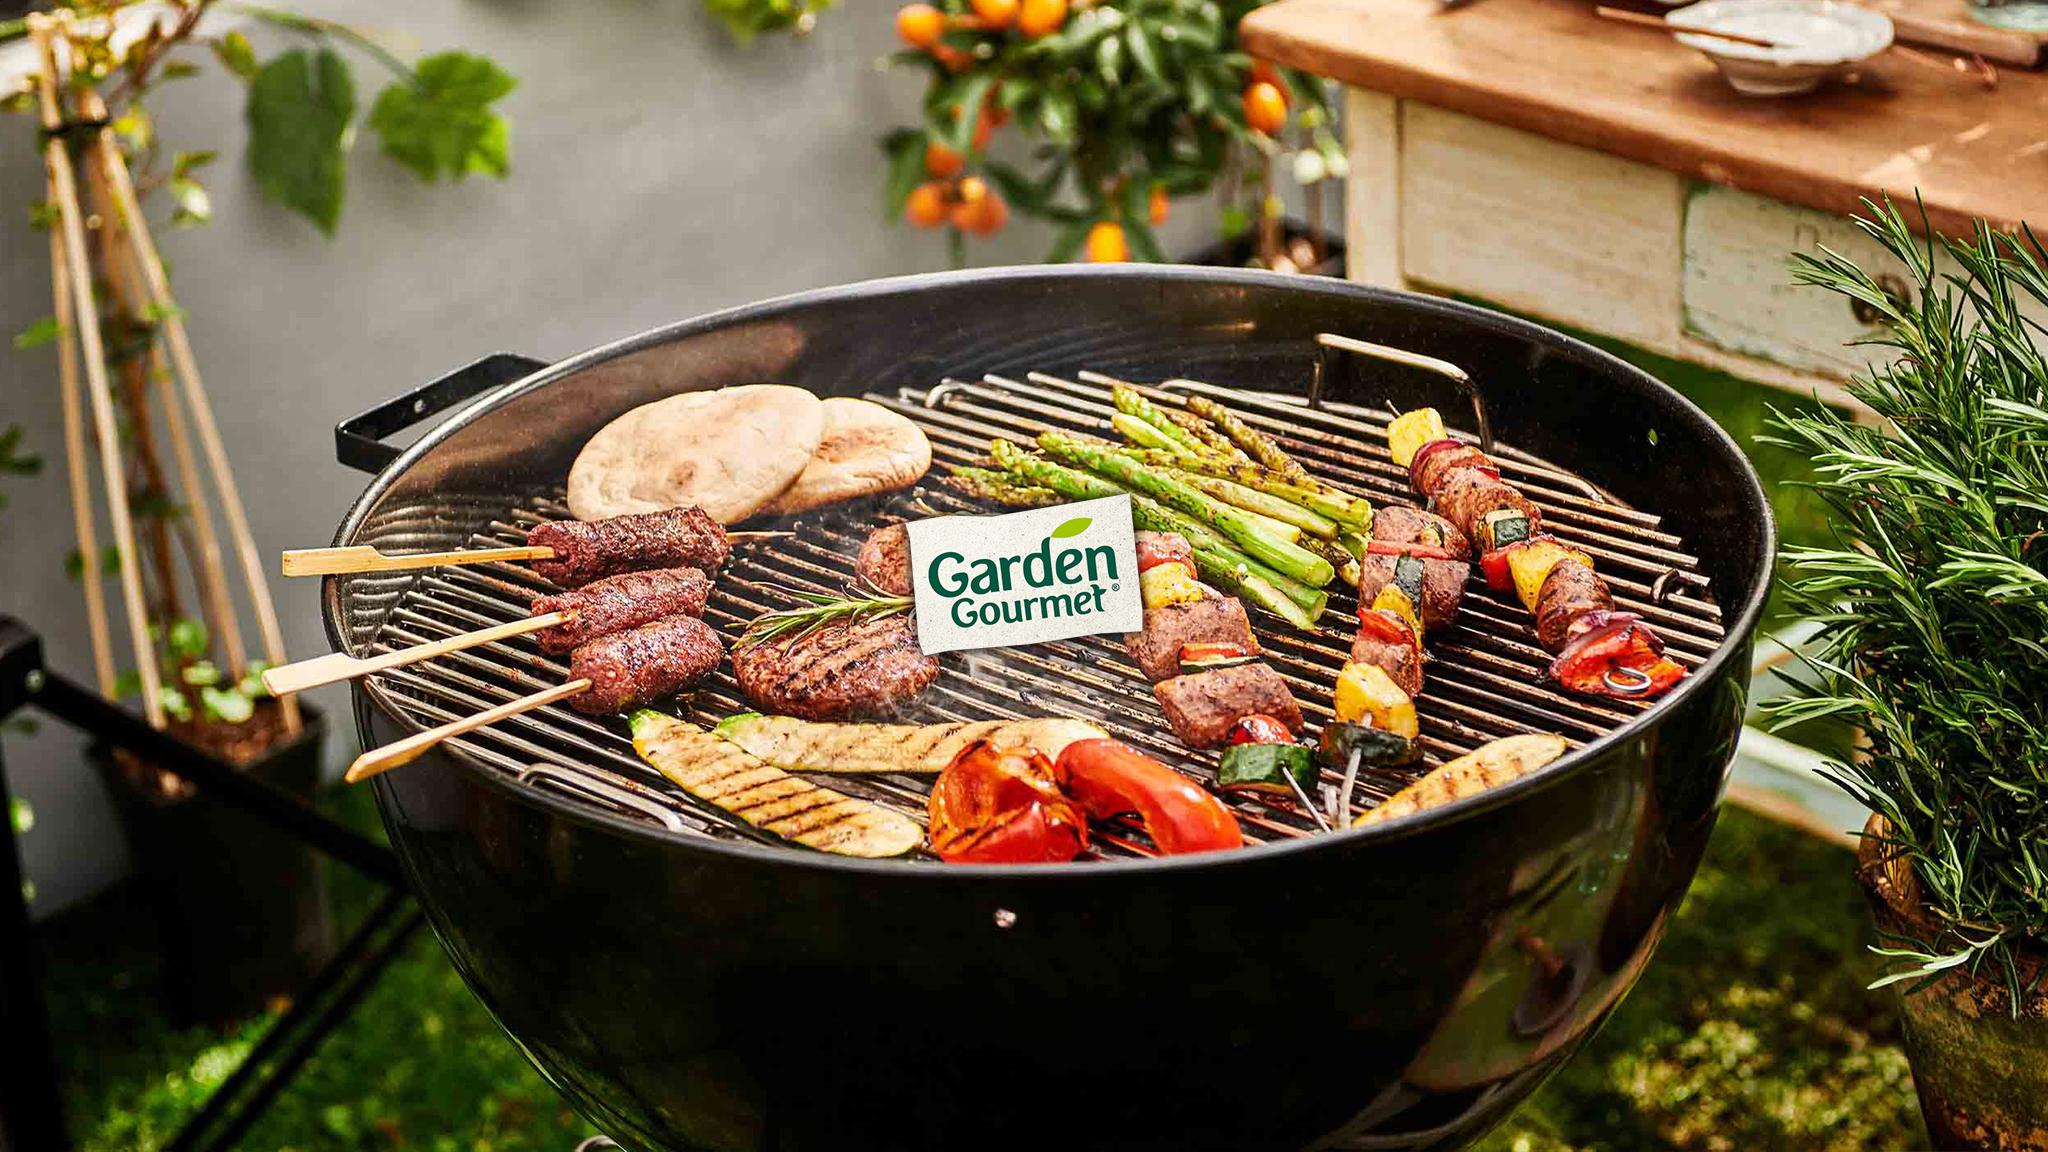 Garden Gourmet… παντού – Η Nestlé πρωτοπορεί και μας παρακινεί